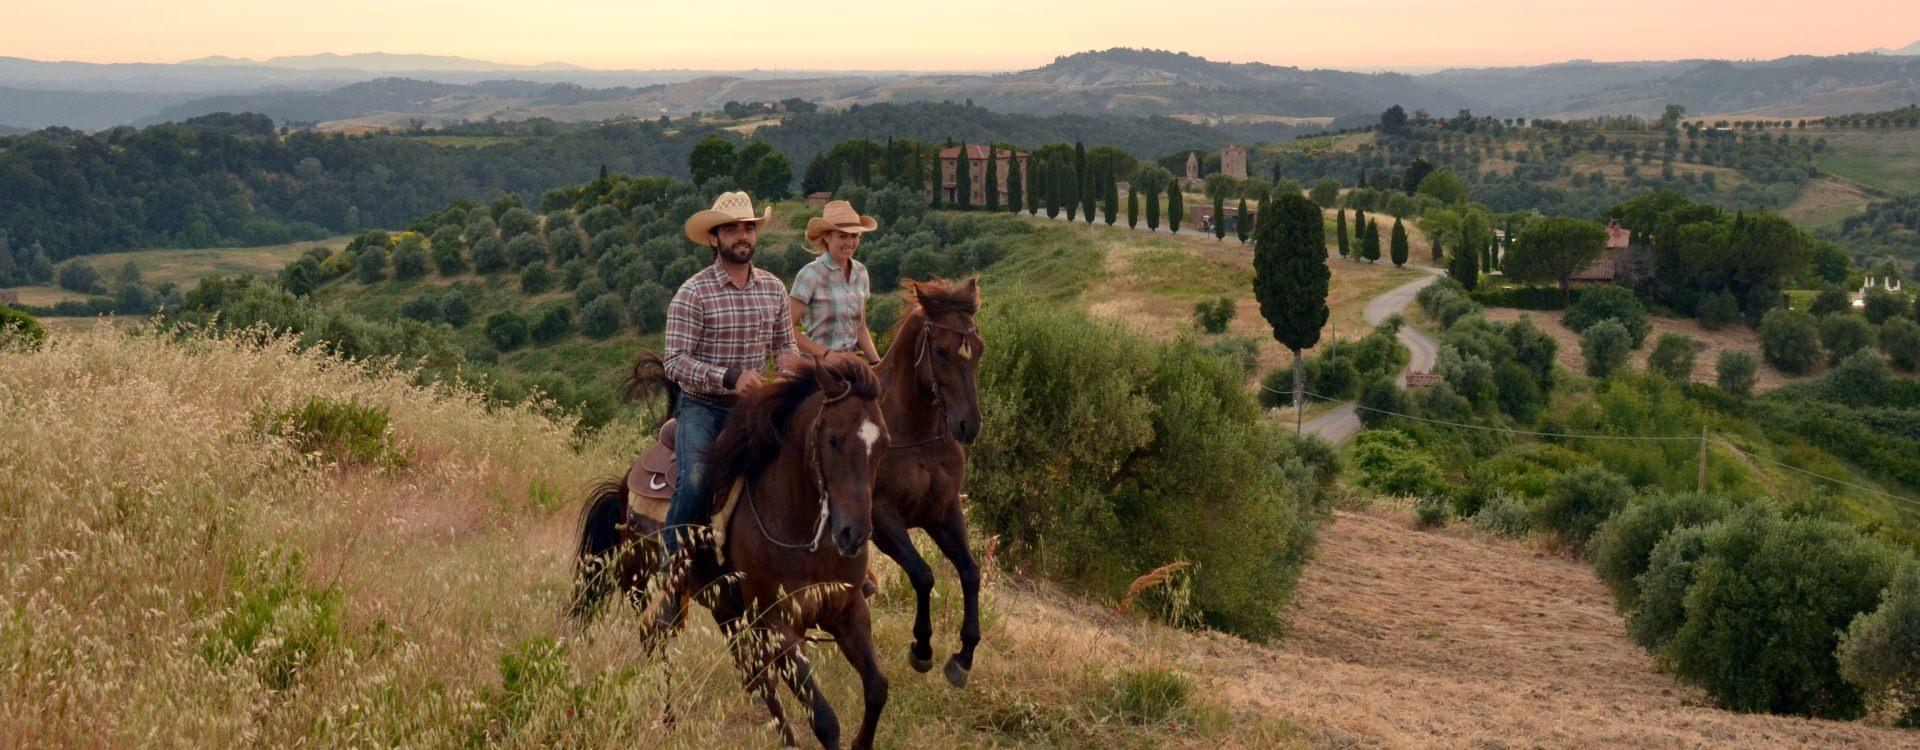 Exploring Tuscany on horseback